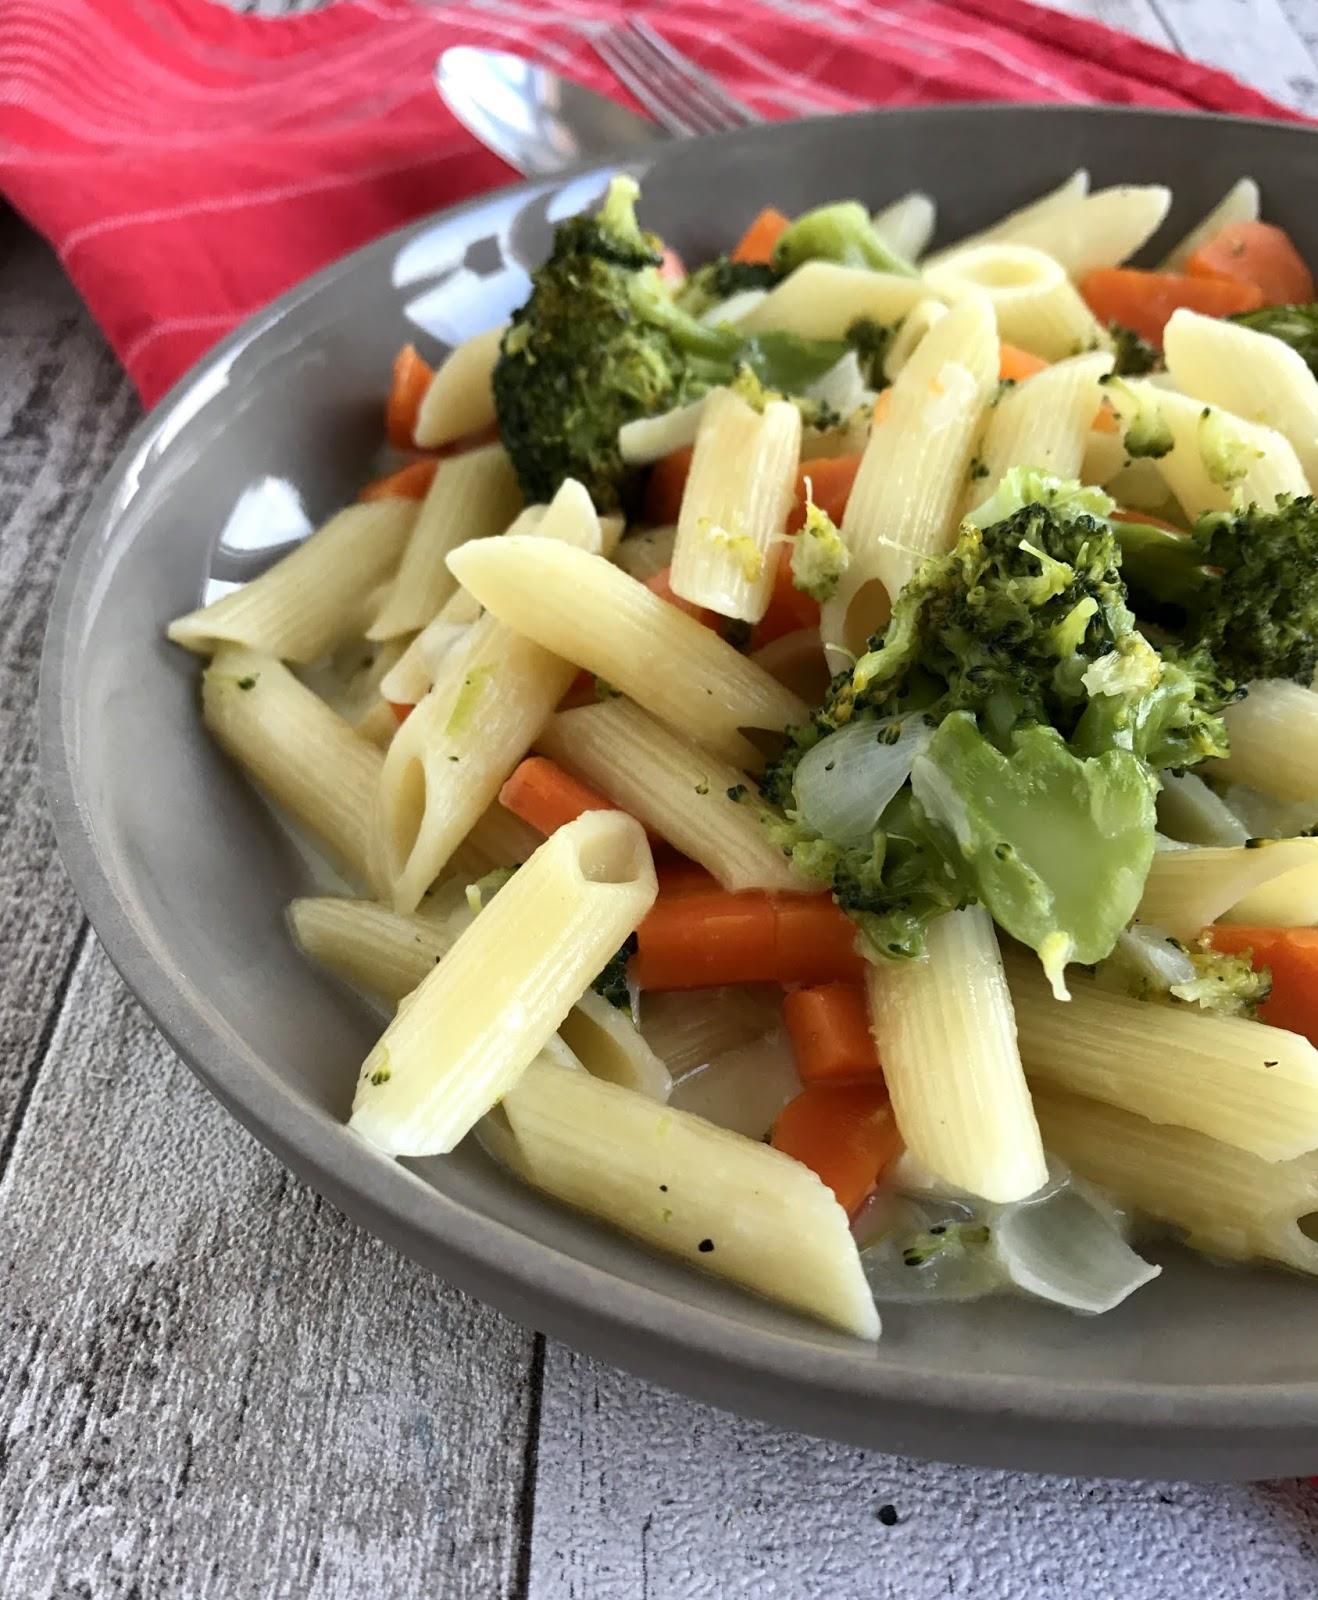 lanisleckerecke one pot pasta mit m hre und brokkoli. Black Bedroom Furniture Sets. Home Design Ideas